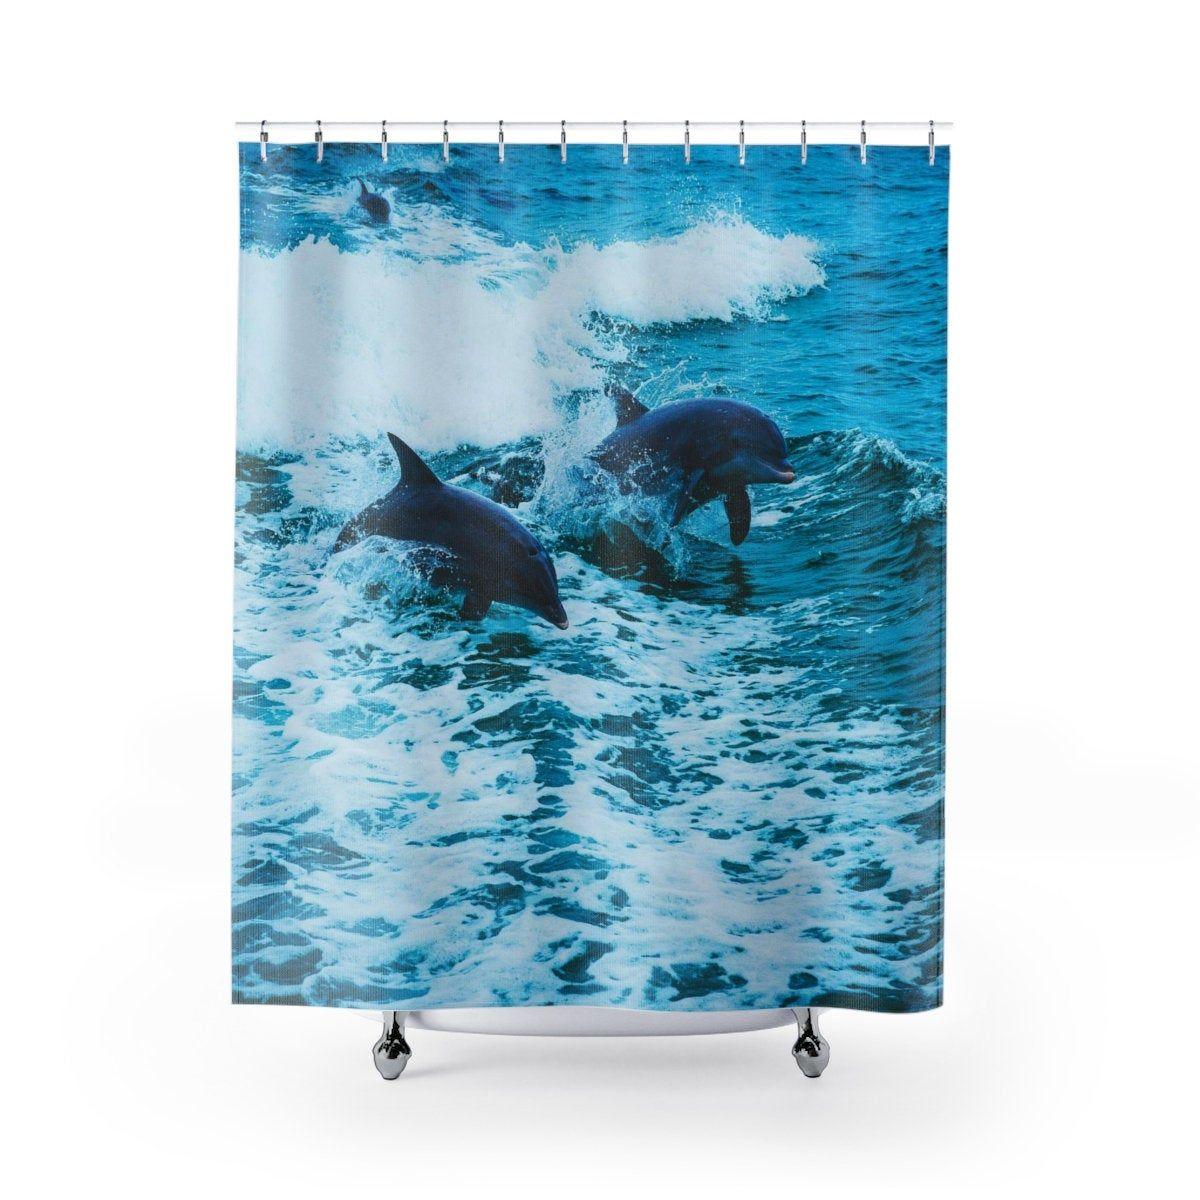 Dolphin Shower Curtain Dolphins Shower Curtains Beach Decor